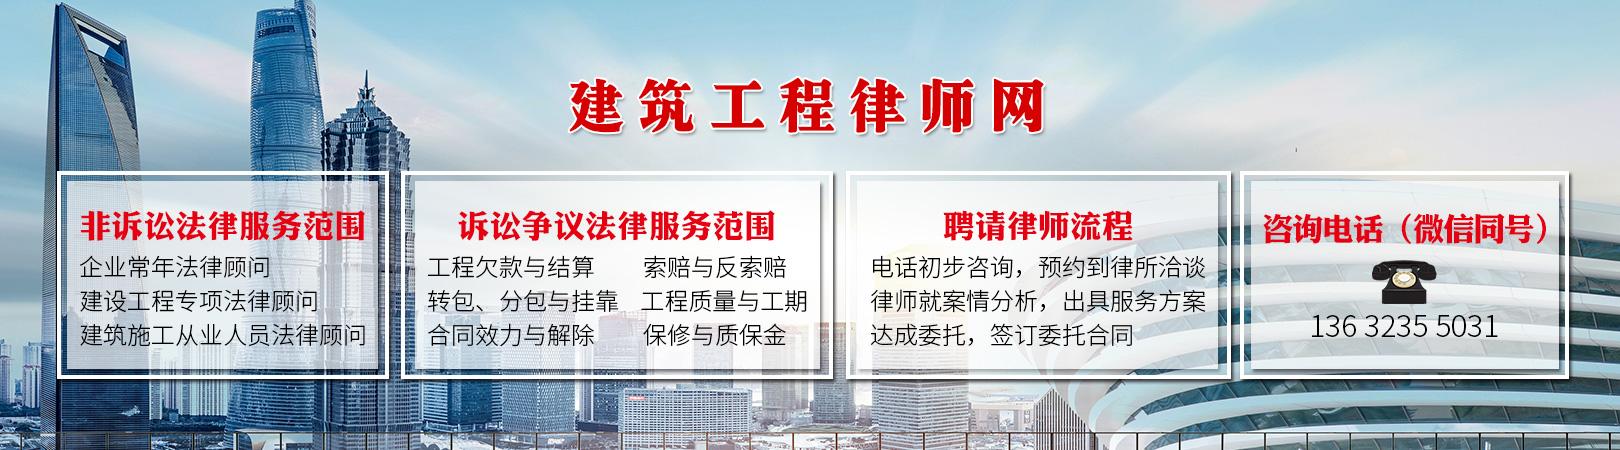 广州工程款优先受偿权律师